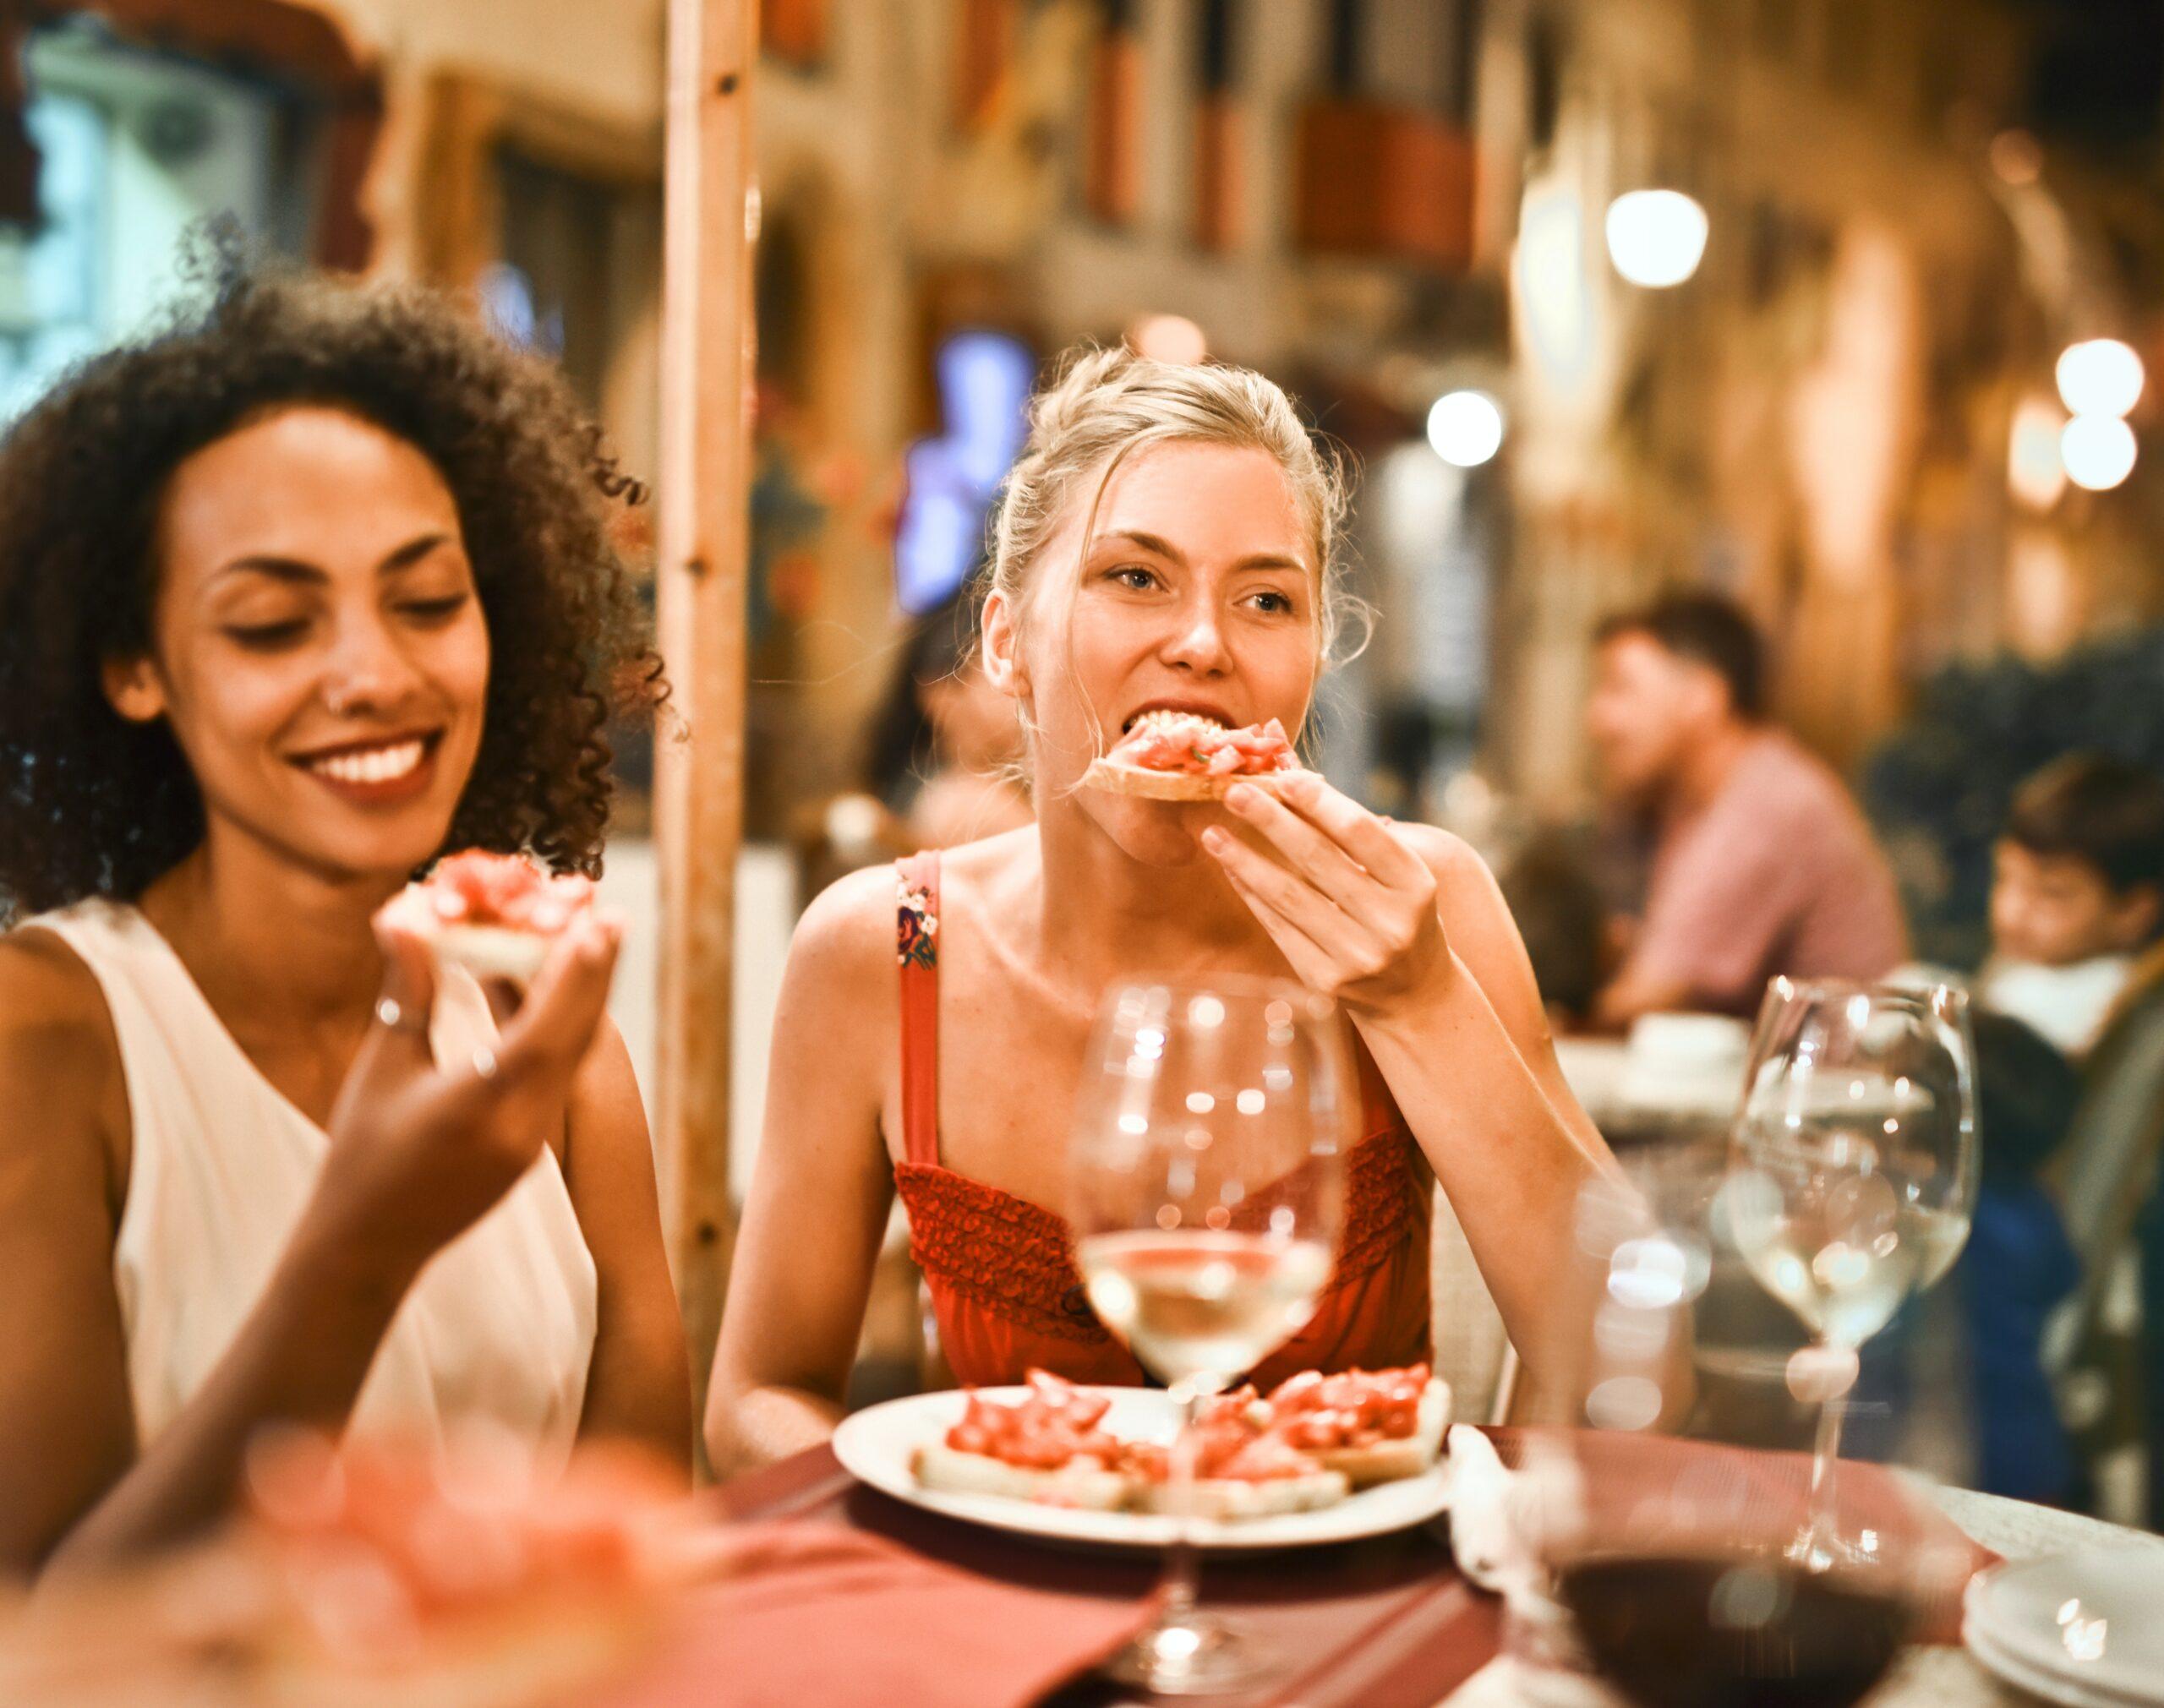 อาหาร กับ สุขภาพ